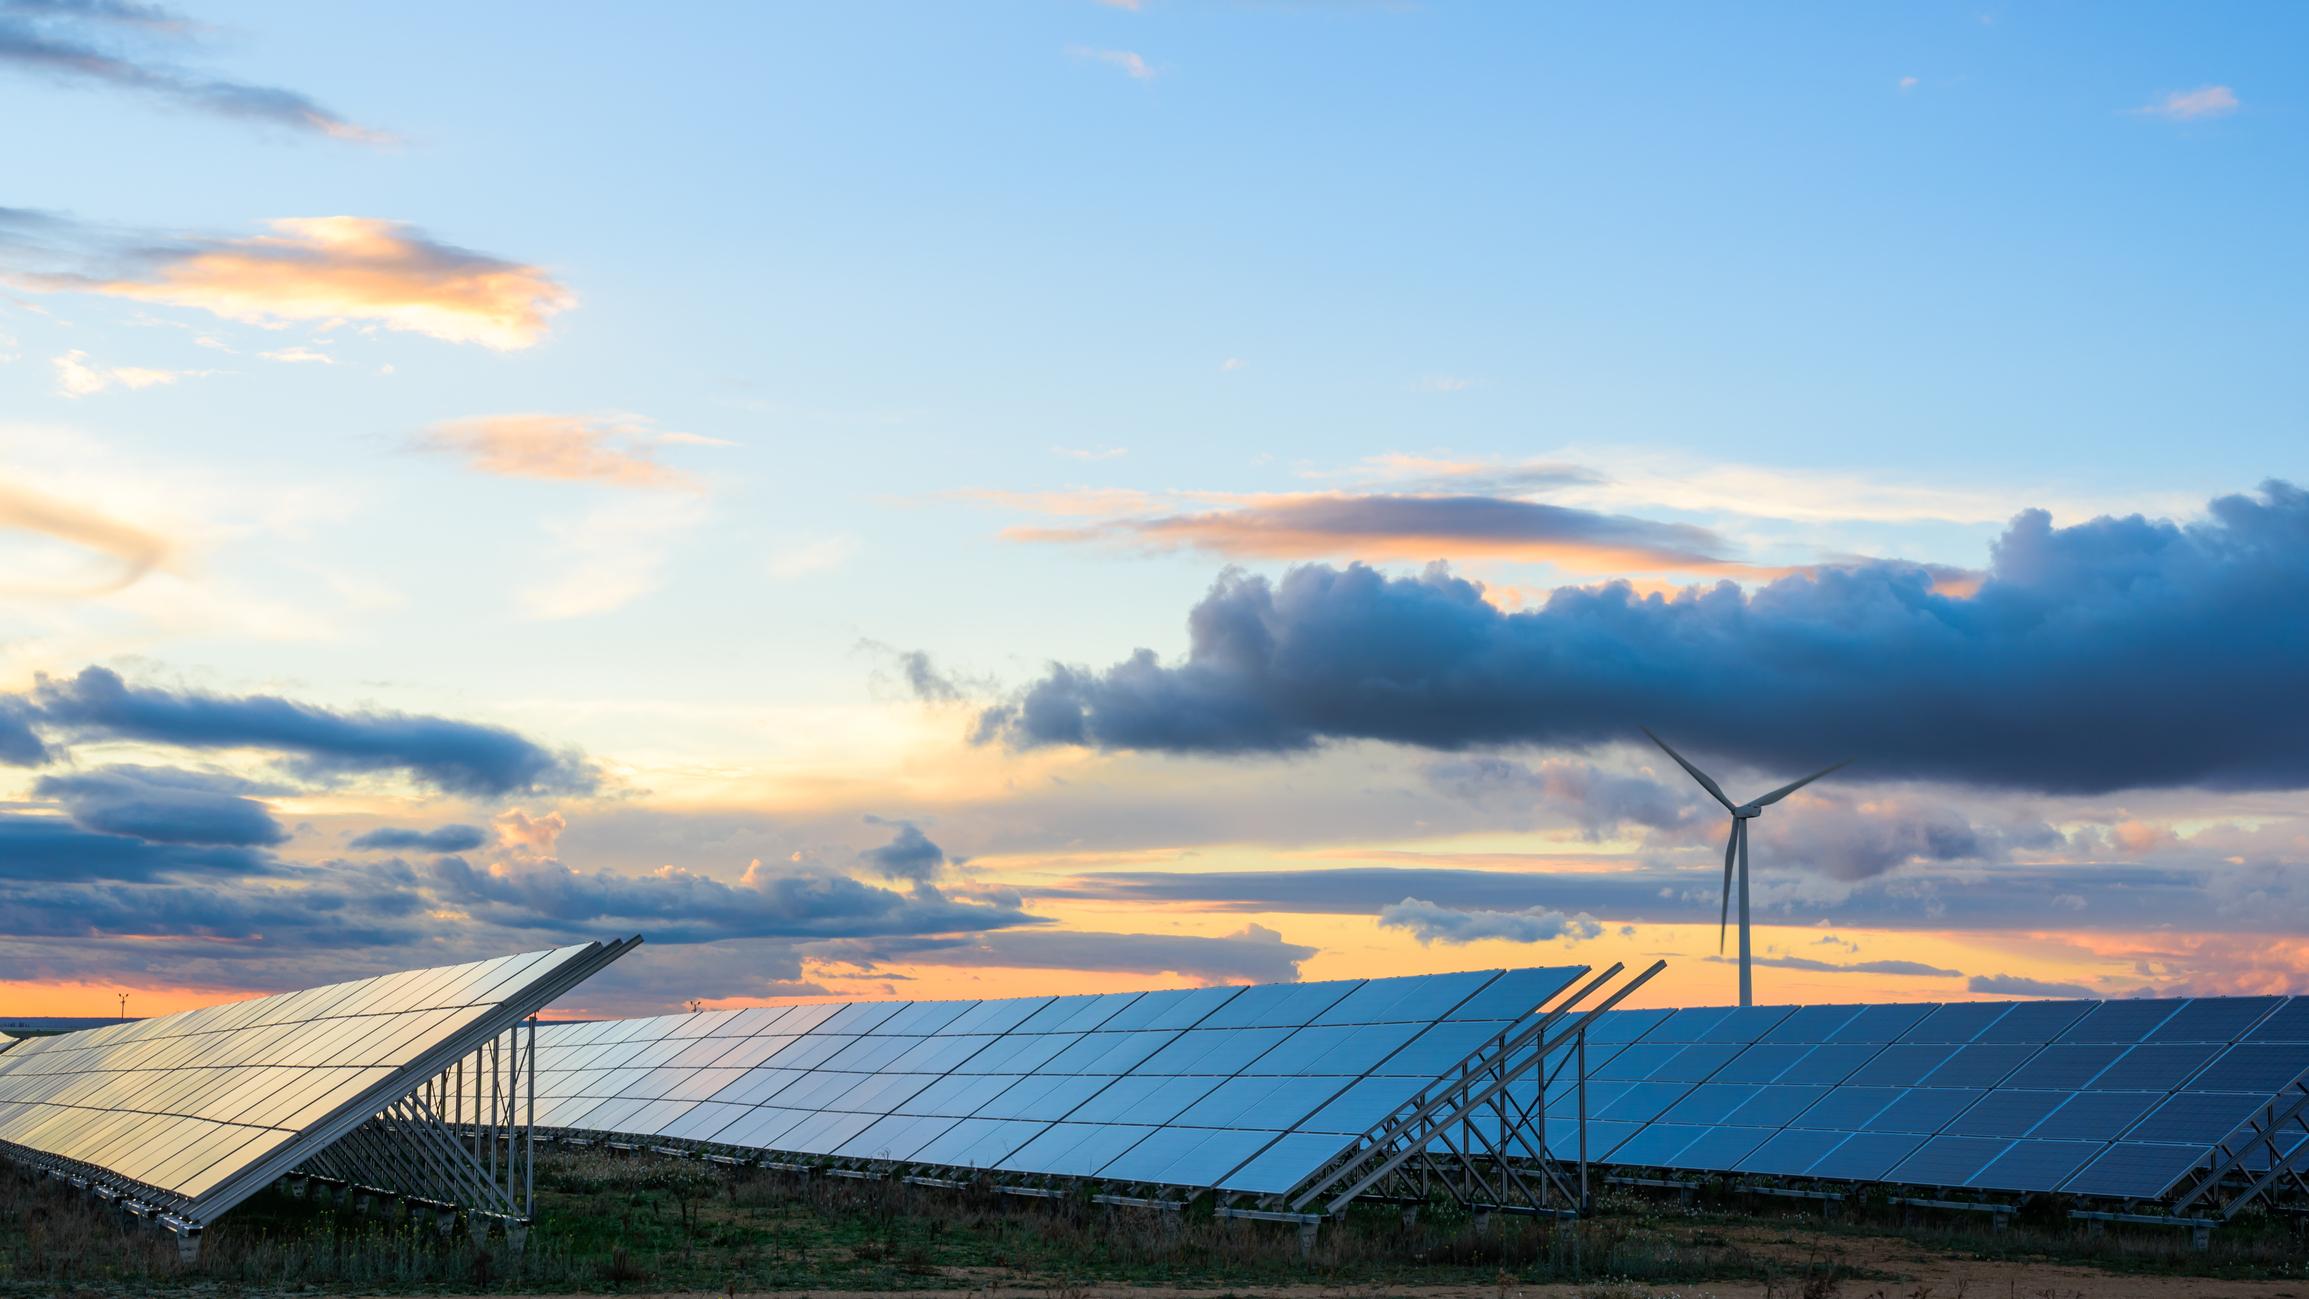 Solar Farm at Dusk